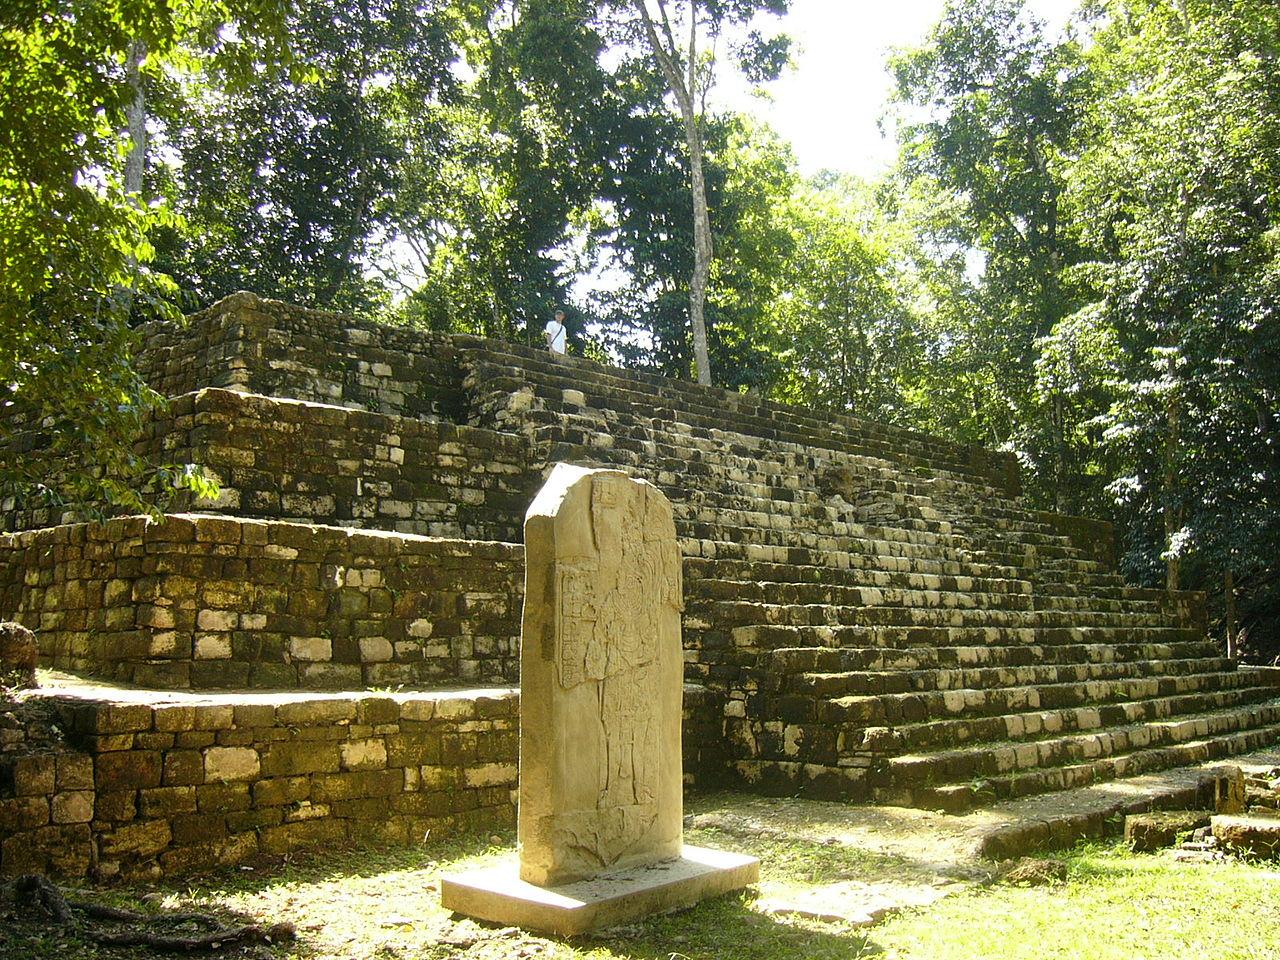 Aguateca ruins